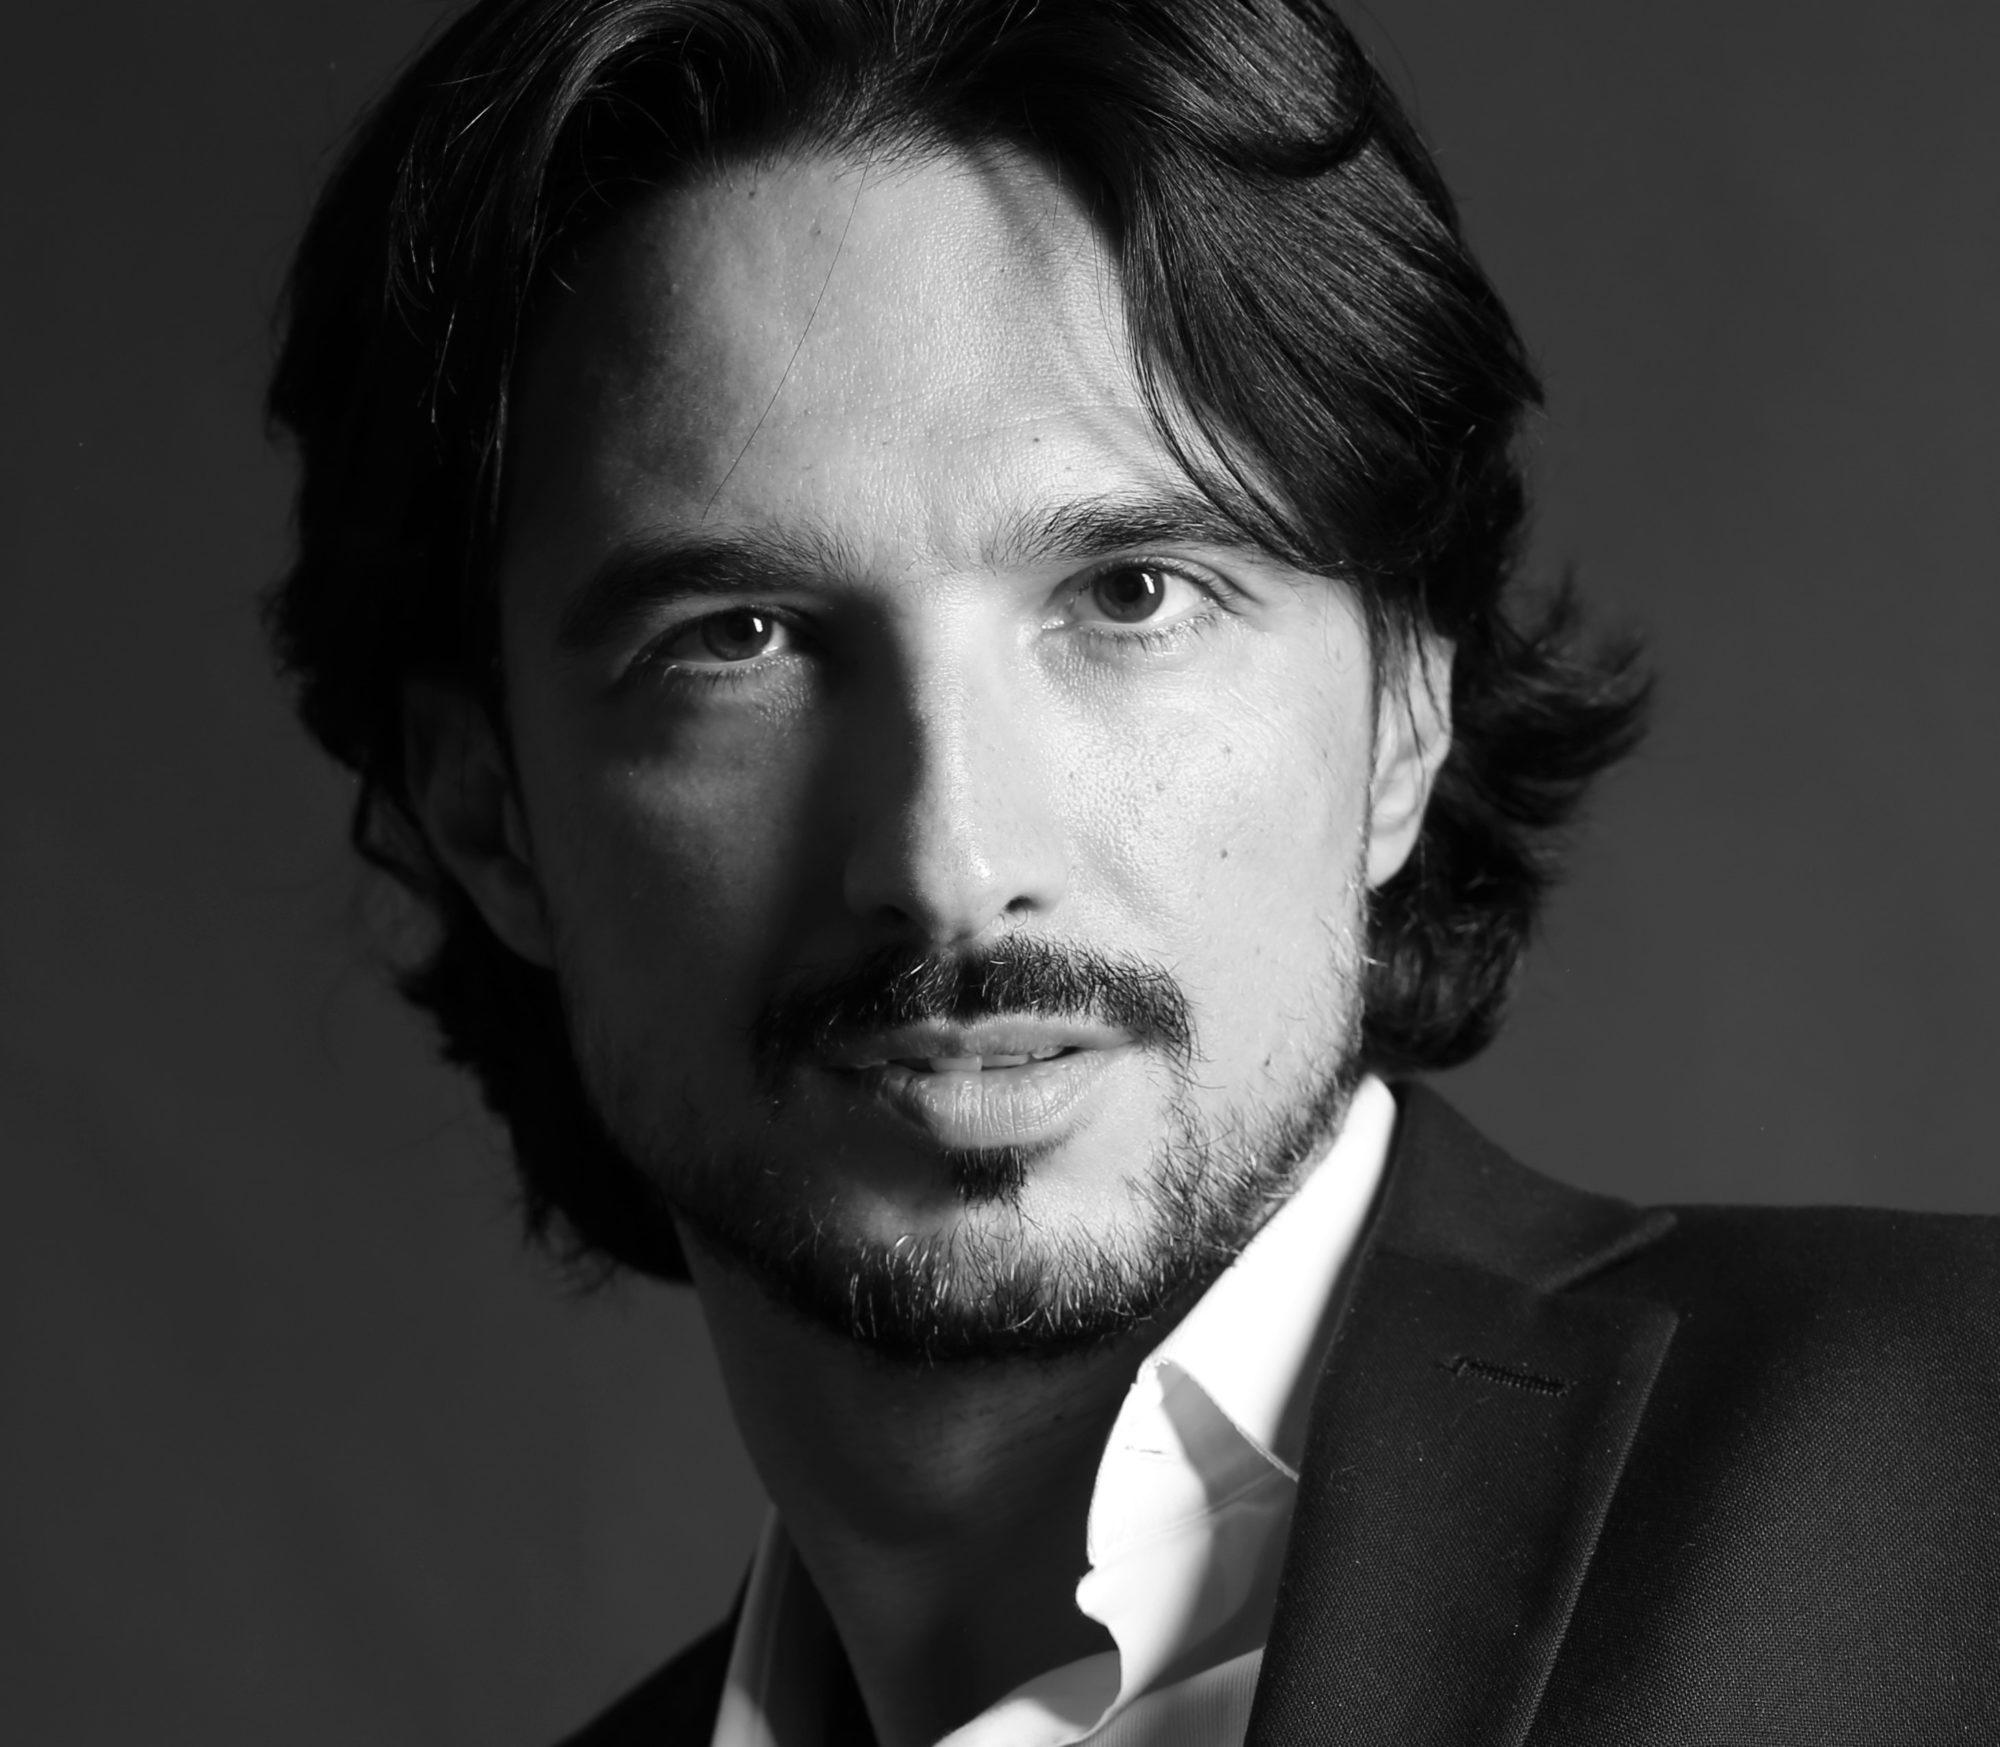 Antonio Villani